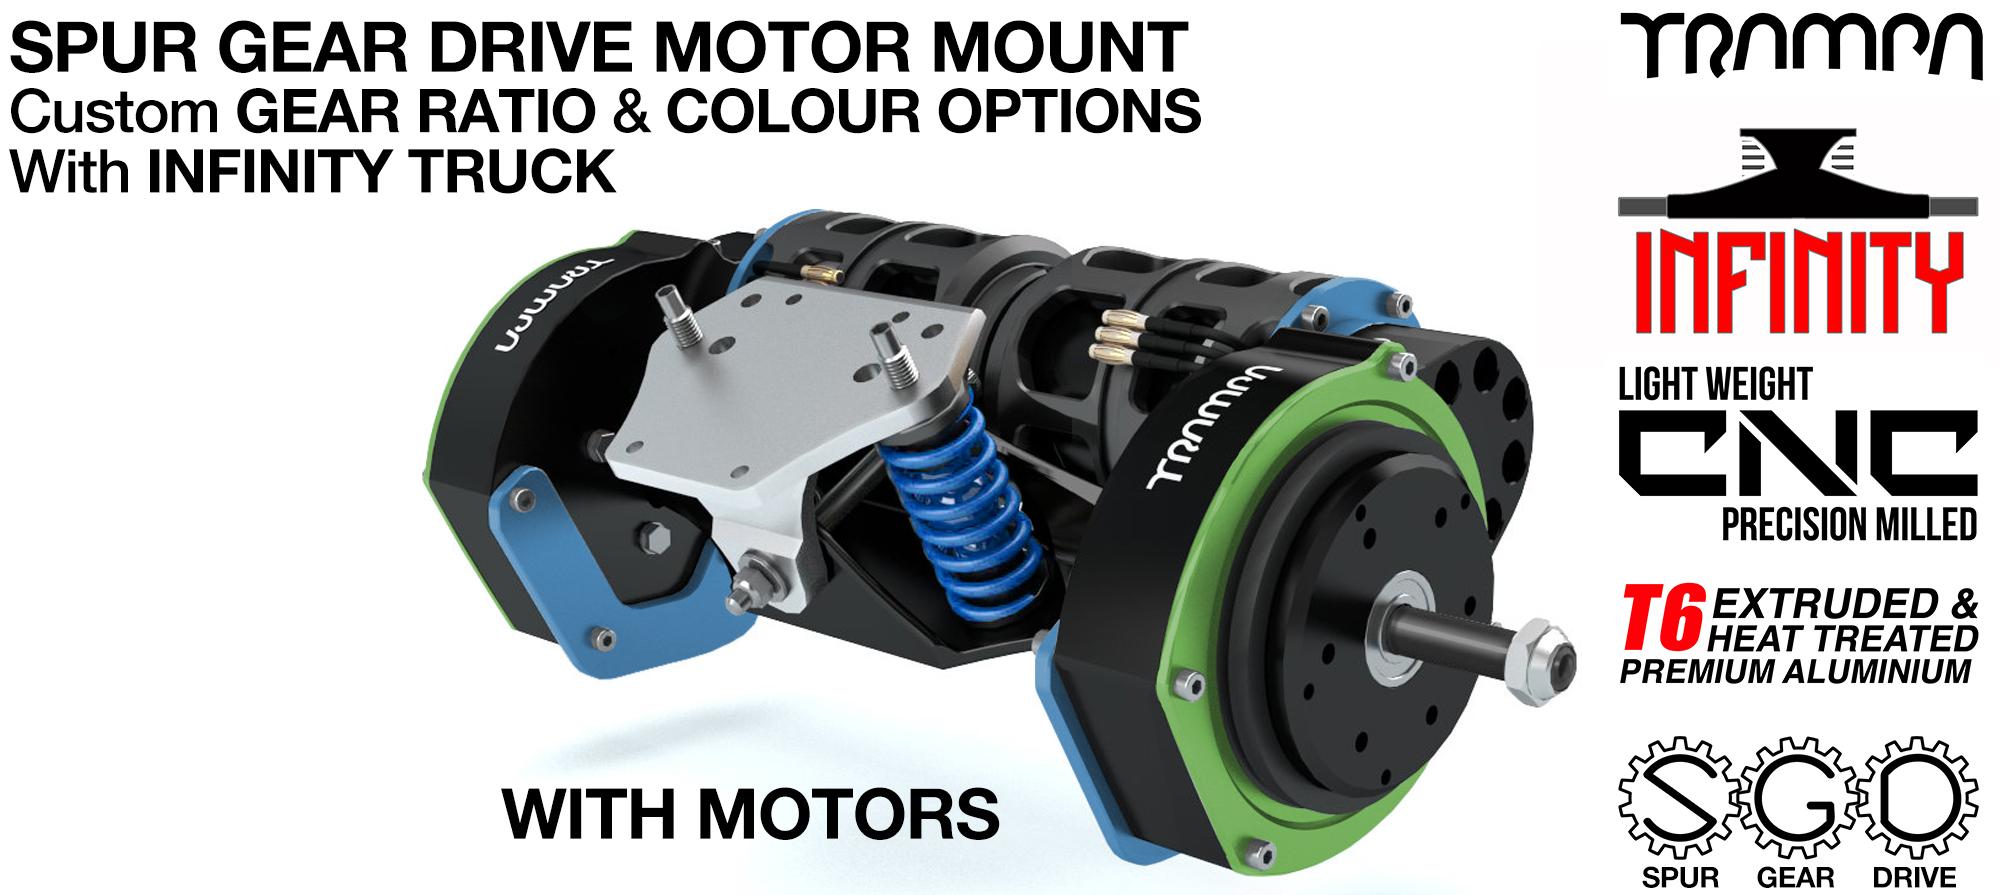 Mountainboard EXTERNAL Spur Gear Drive TWIN Motor Mounts with Motors & INFINITY Truck